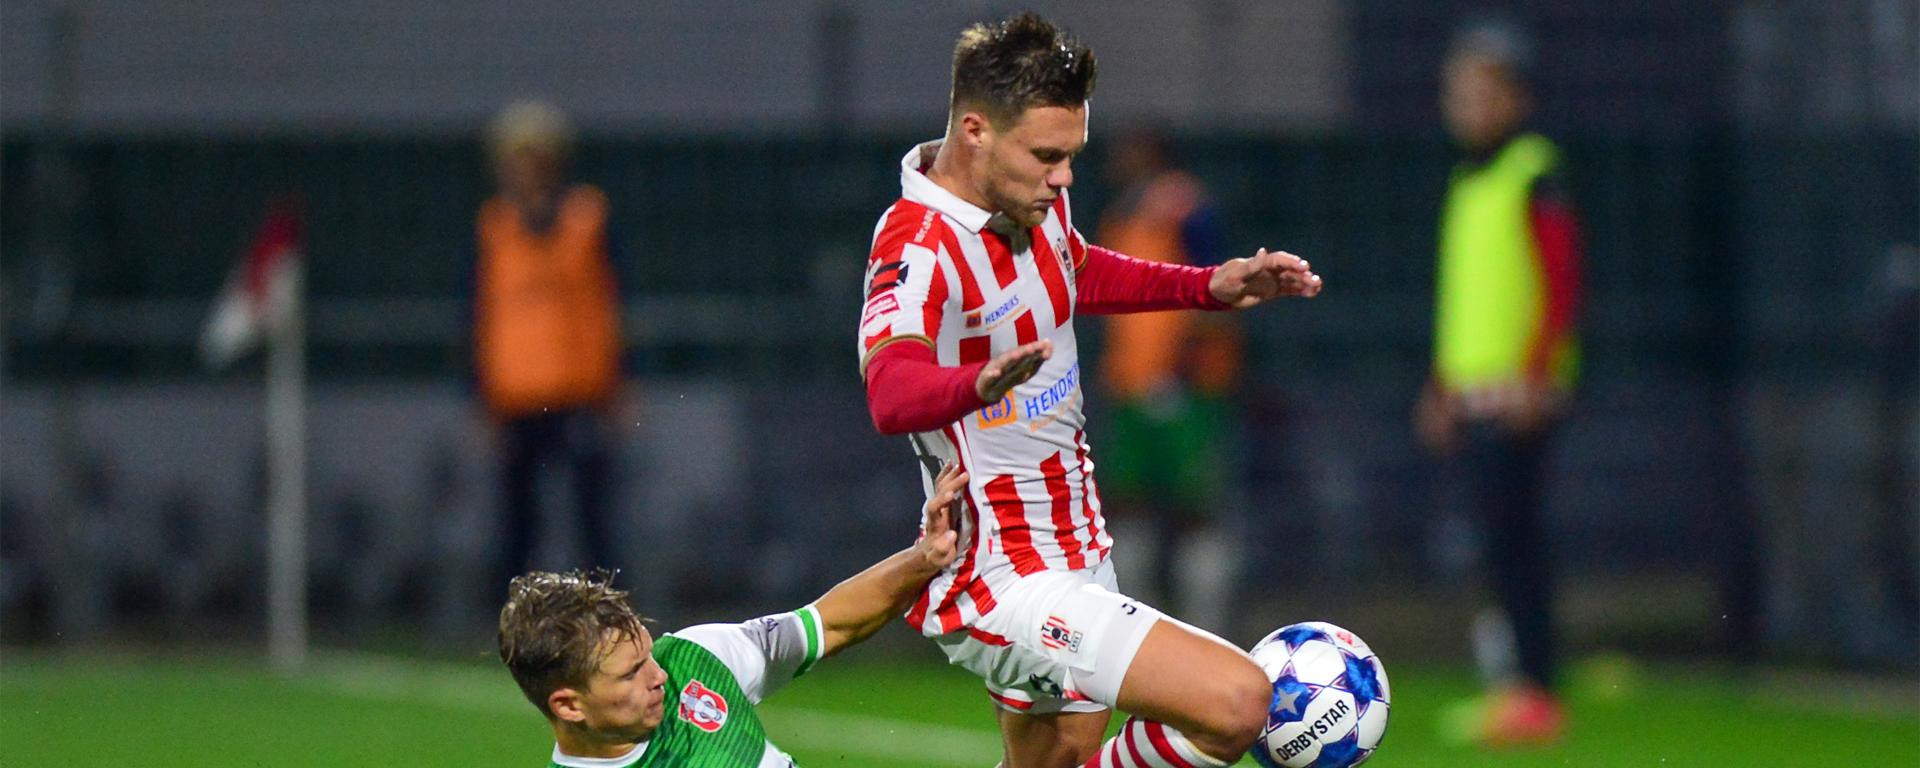 Voorbeschouwing TOP Oss – FC Den Bosch